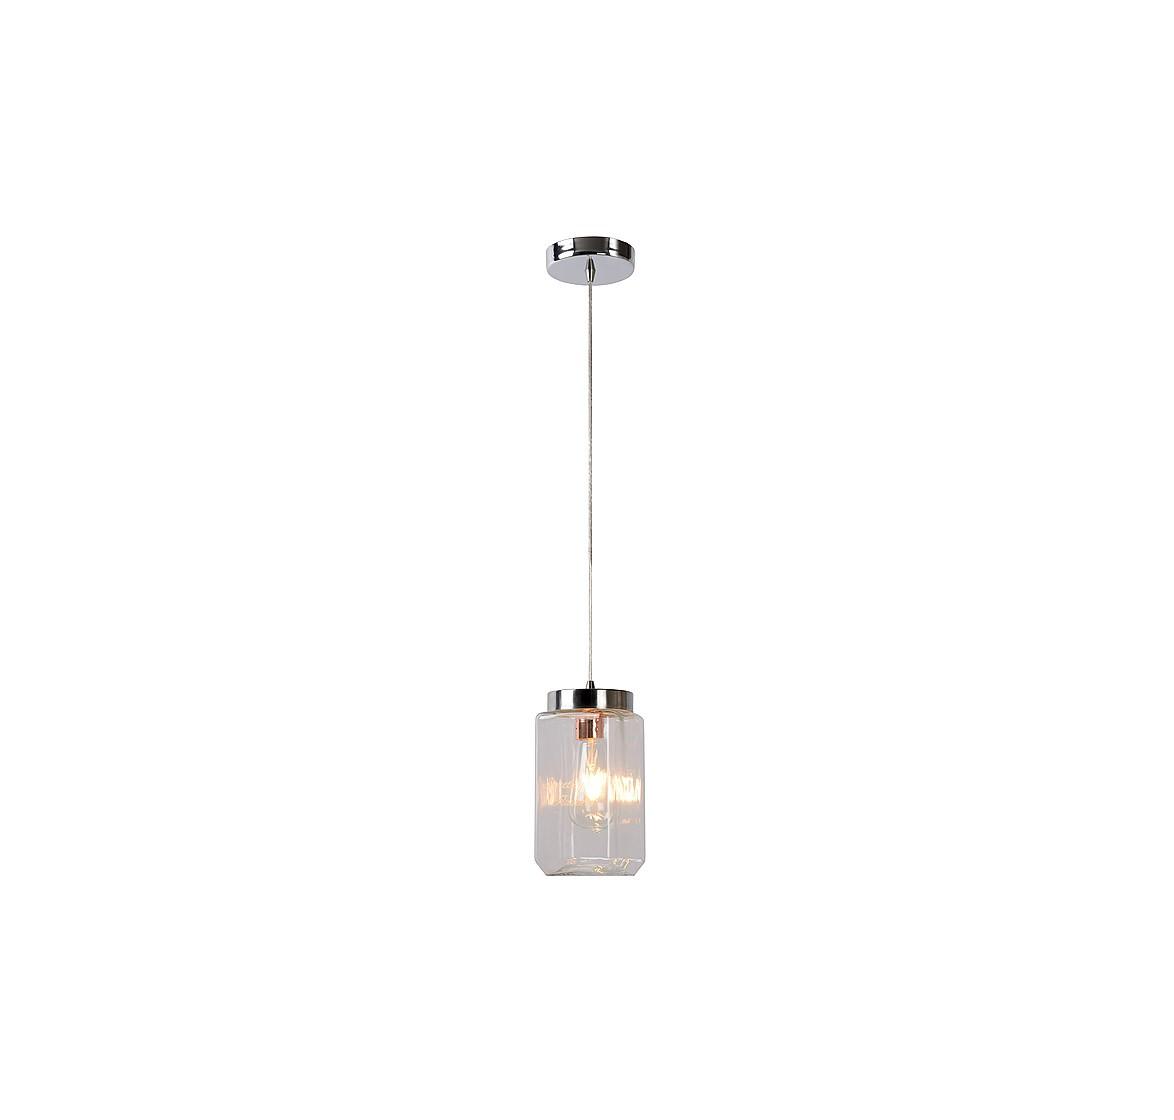 Подвесной светильник EPICEПодвесные светильники<br>основание: металл/хром<br>плафон: стекло<br>ширина: 11 см<br>высота: 140 см<br>длина: 11 см<br>E27, 60W,1 лампочка (в комплект не входит)<br><br>Material: Стекло<br>Height см: 140<br>Diameter см: 11